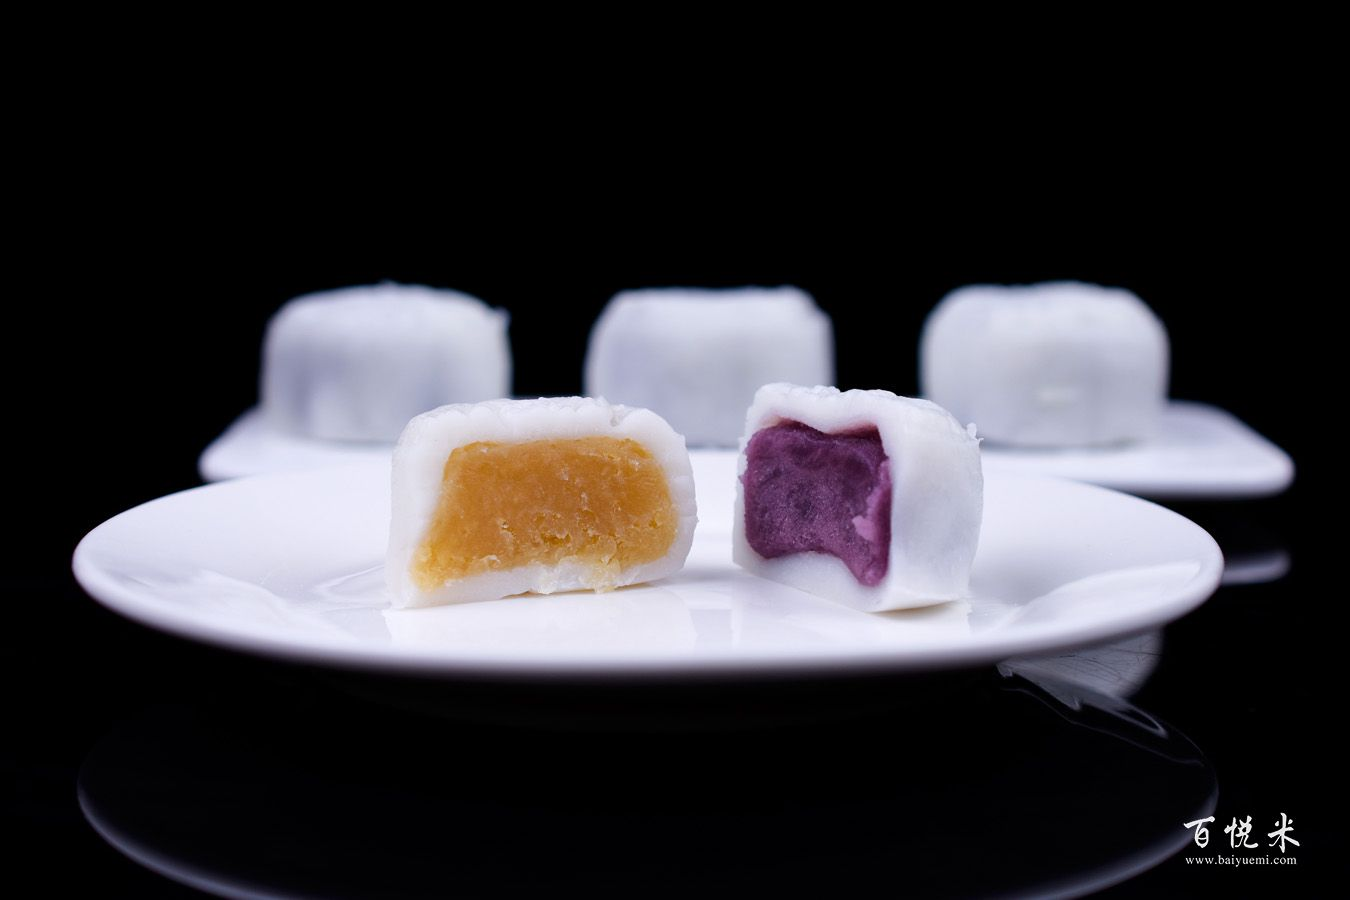 冰皮月饼的做法大全,冰皮月饼西点培训图文教程分享